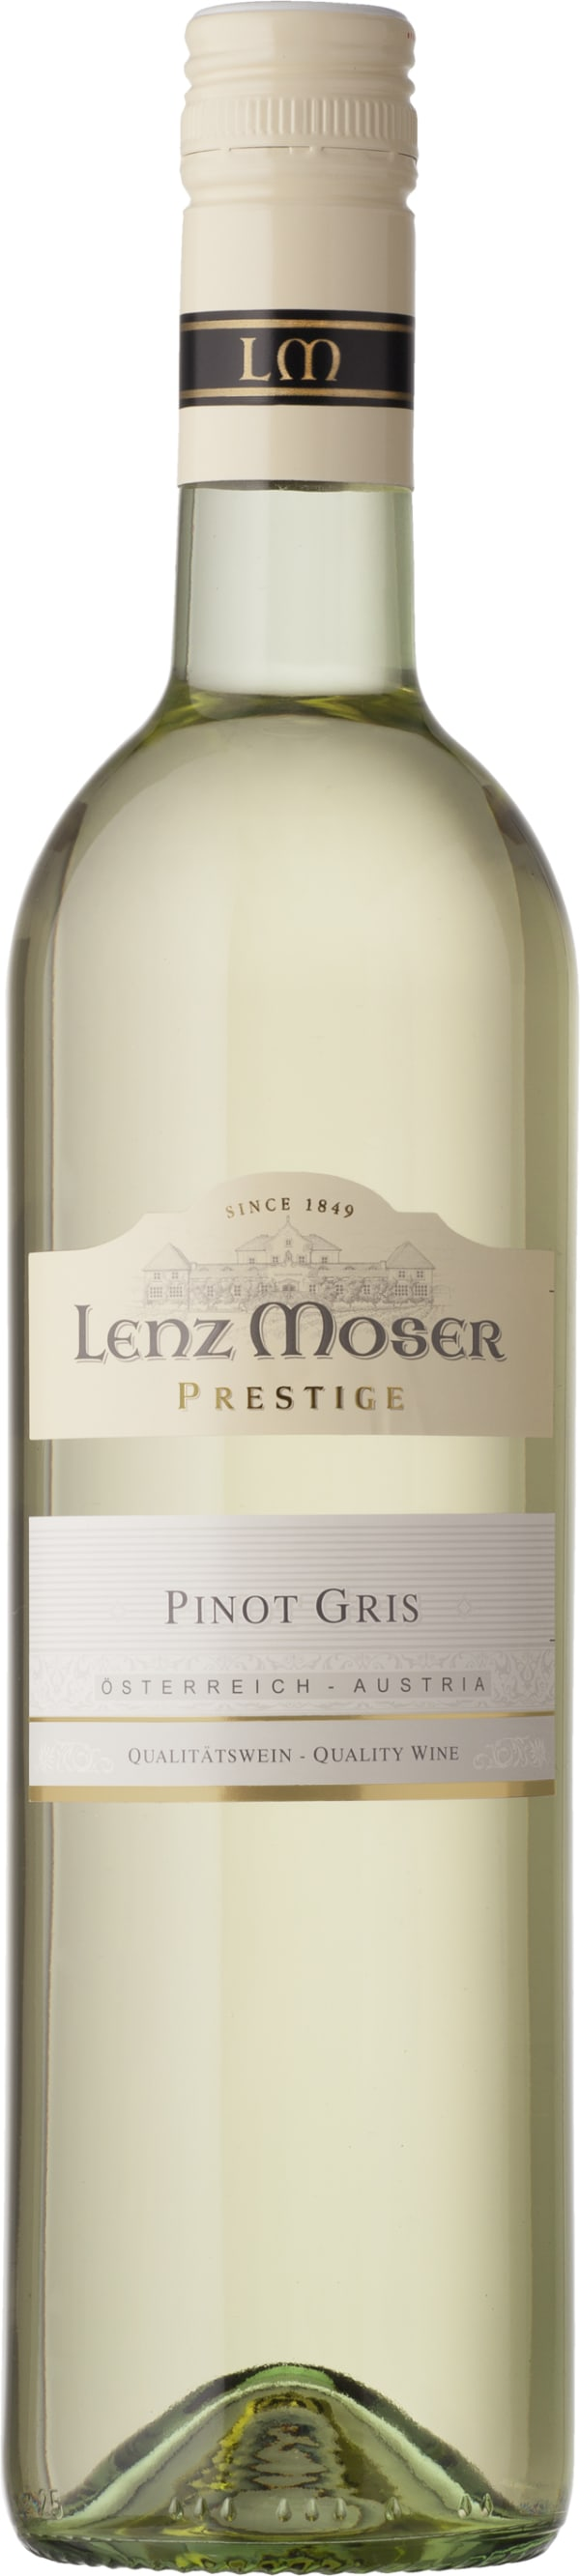 Lenz Moser Prestige Pinot Gris 2015